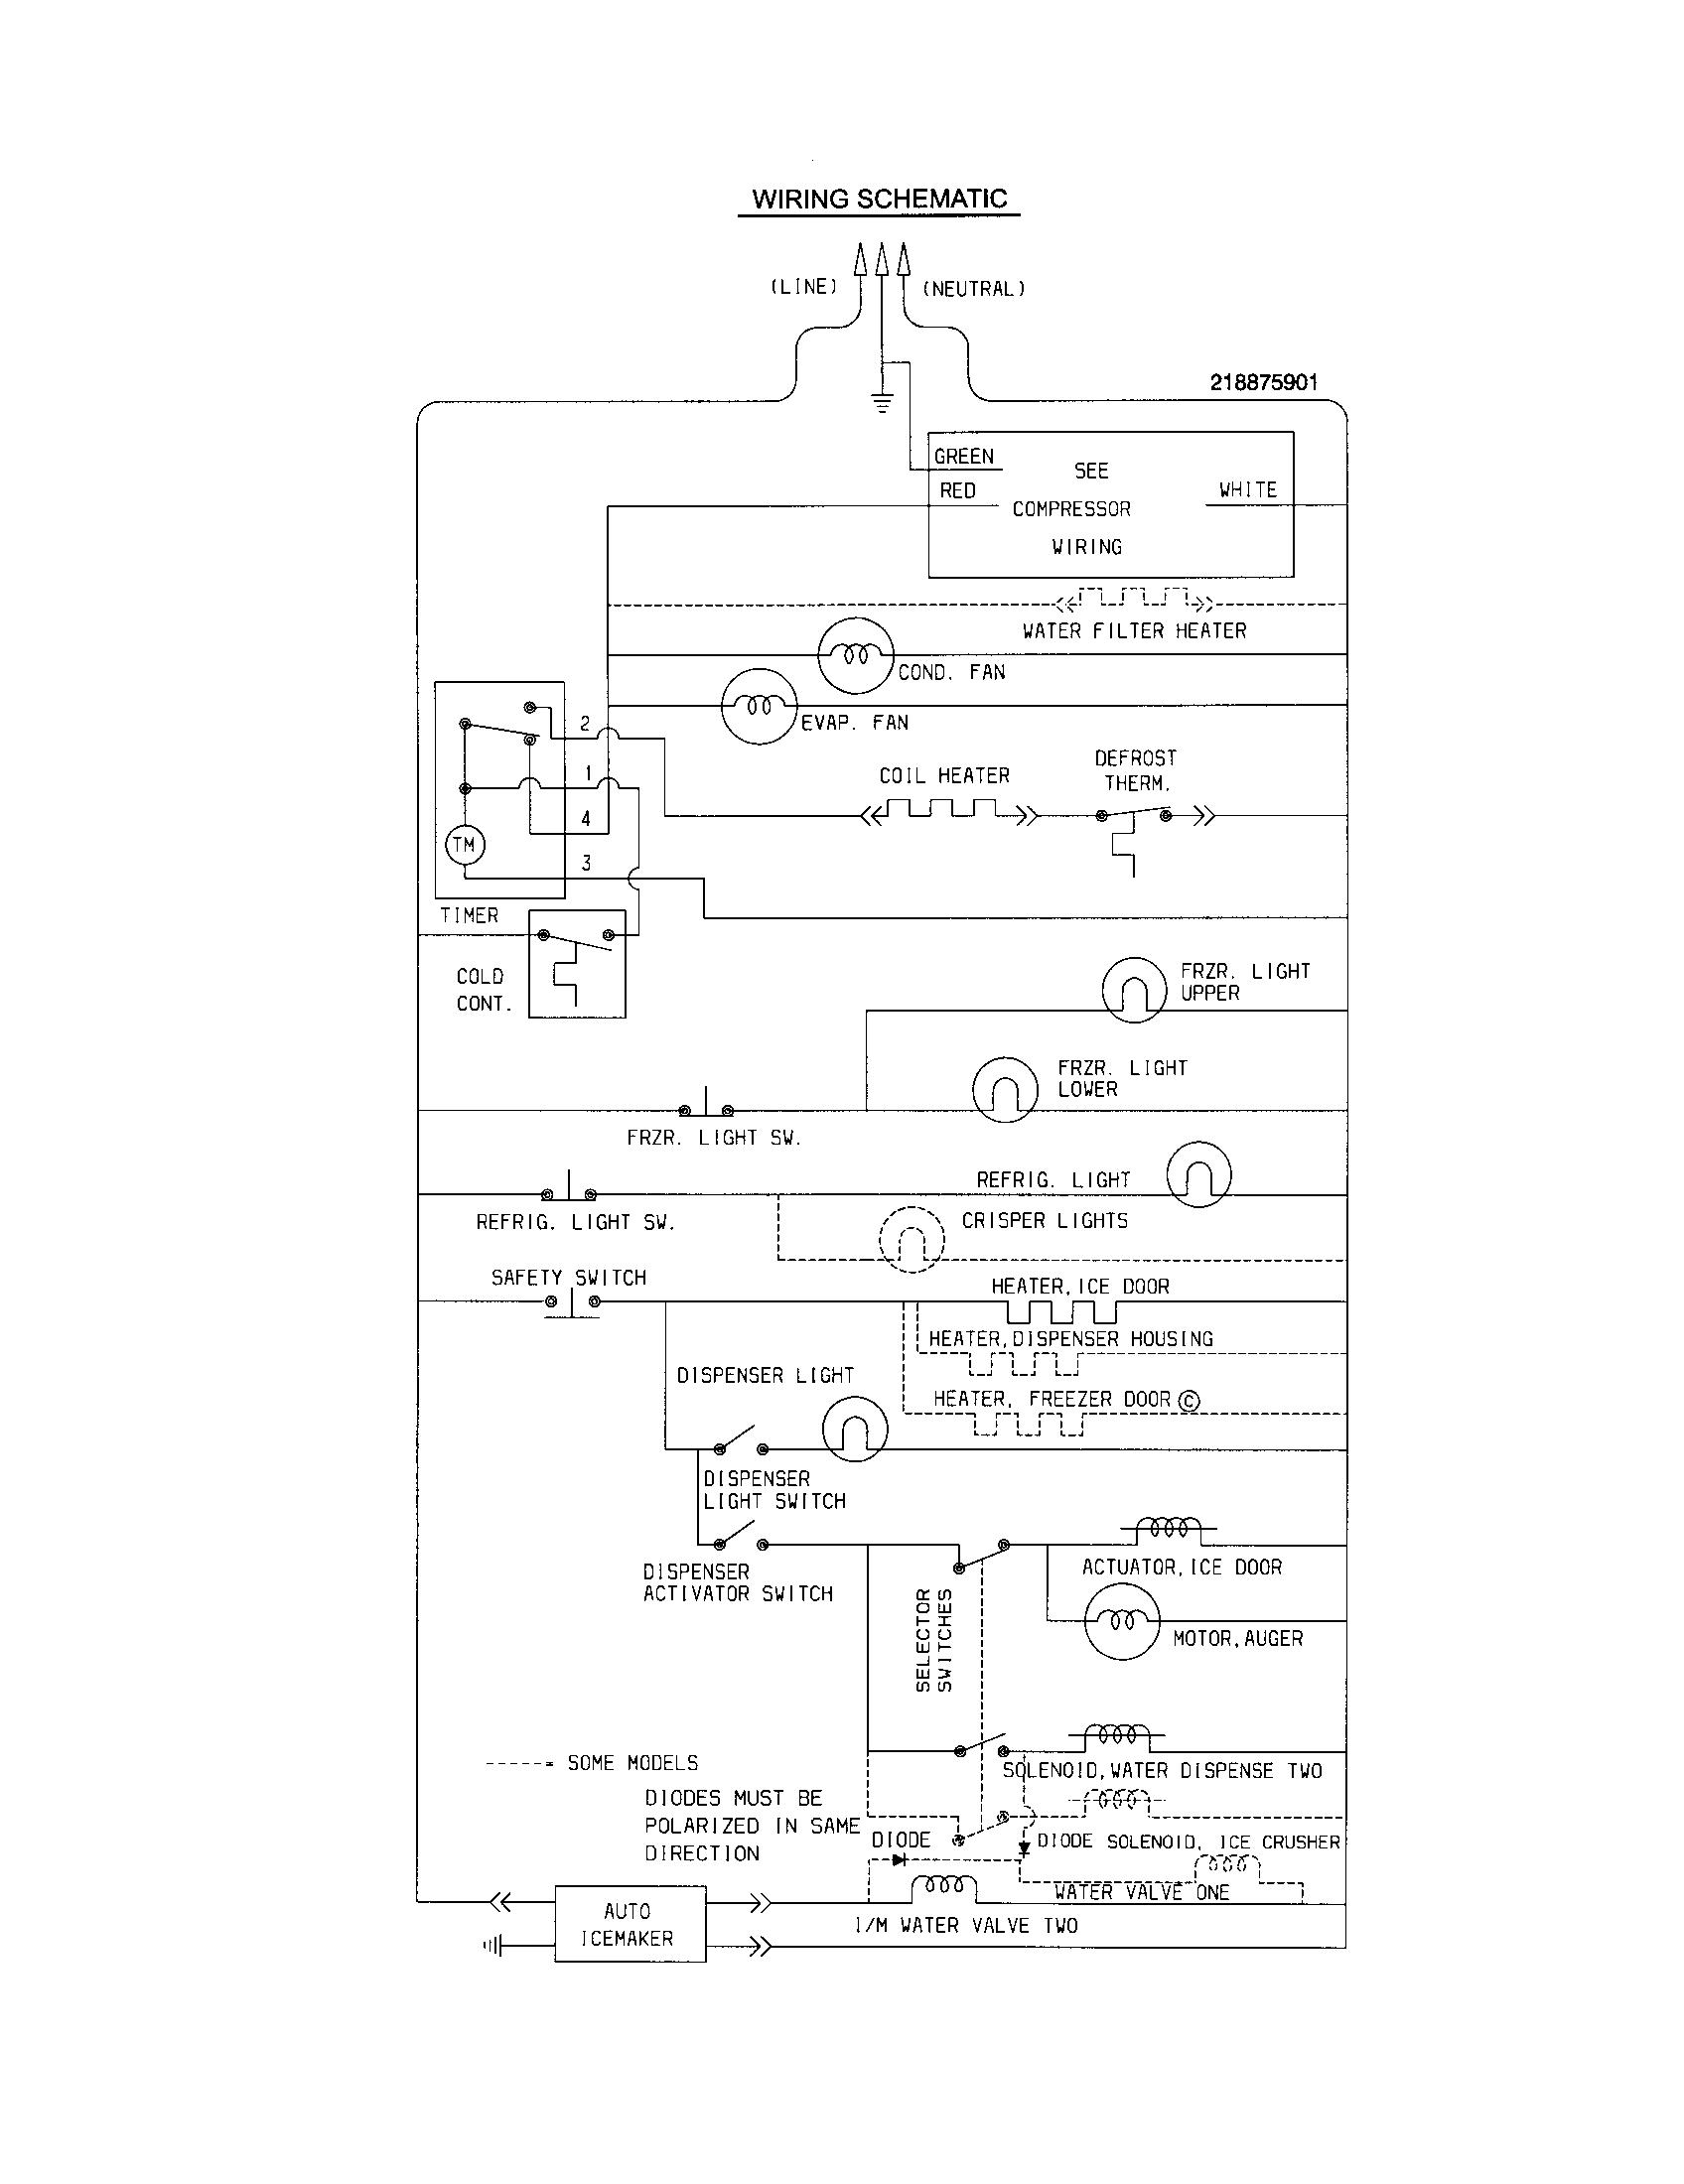 True Twt 27f Wiring Diagram - Dc Motor Starter Wiring Diagram Free Picture  for Wiring Diagram Schematics | True Twt 27f Wiring Diagram For True |  | Wiring Diagram Schematics